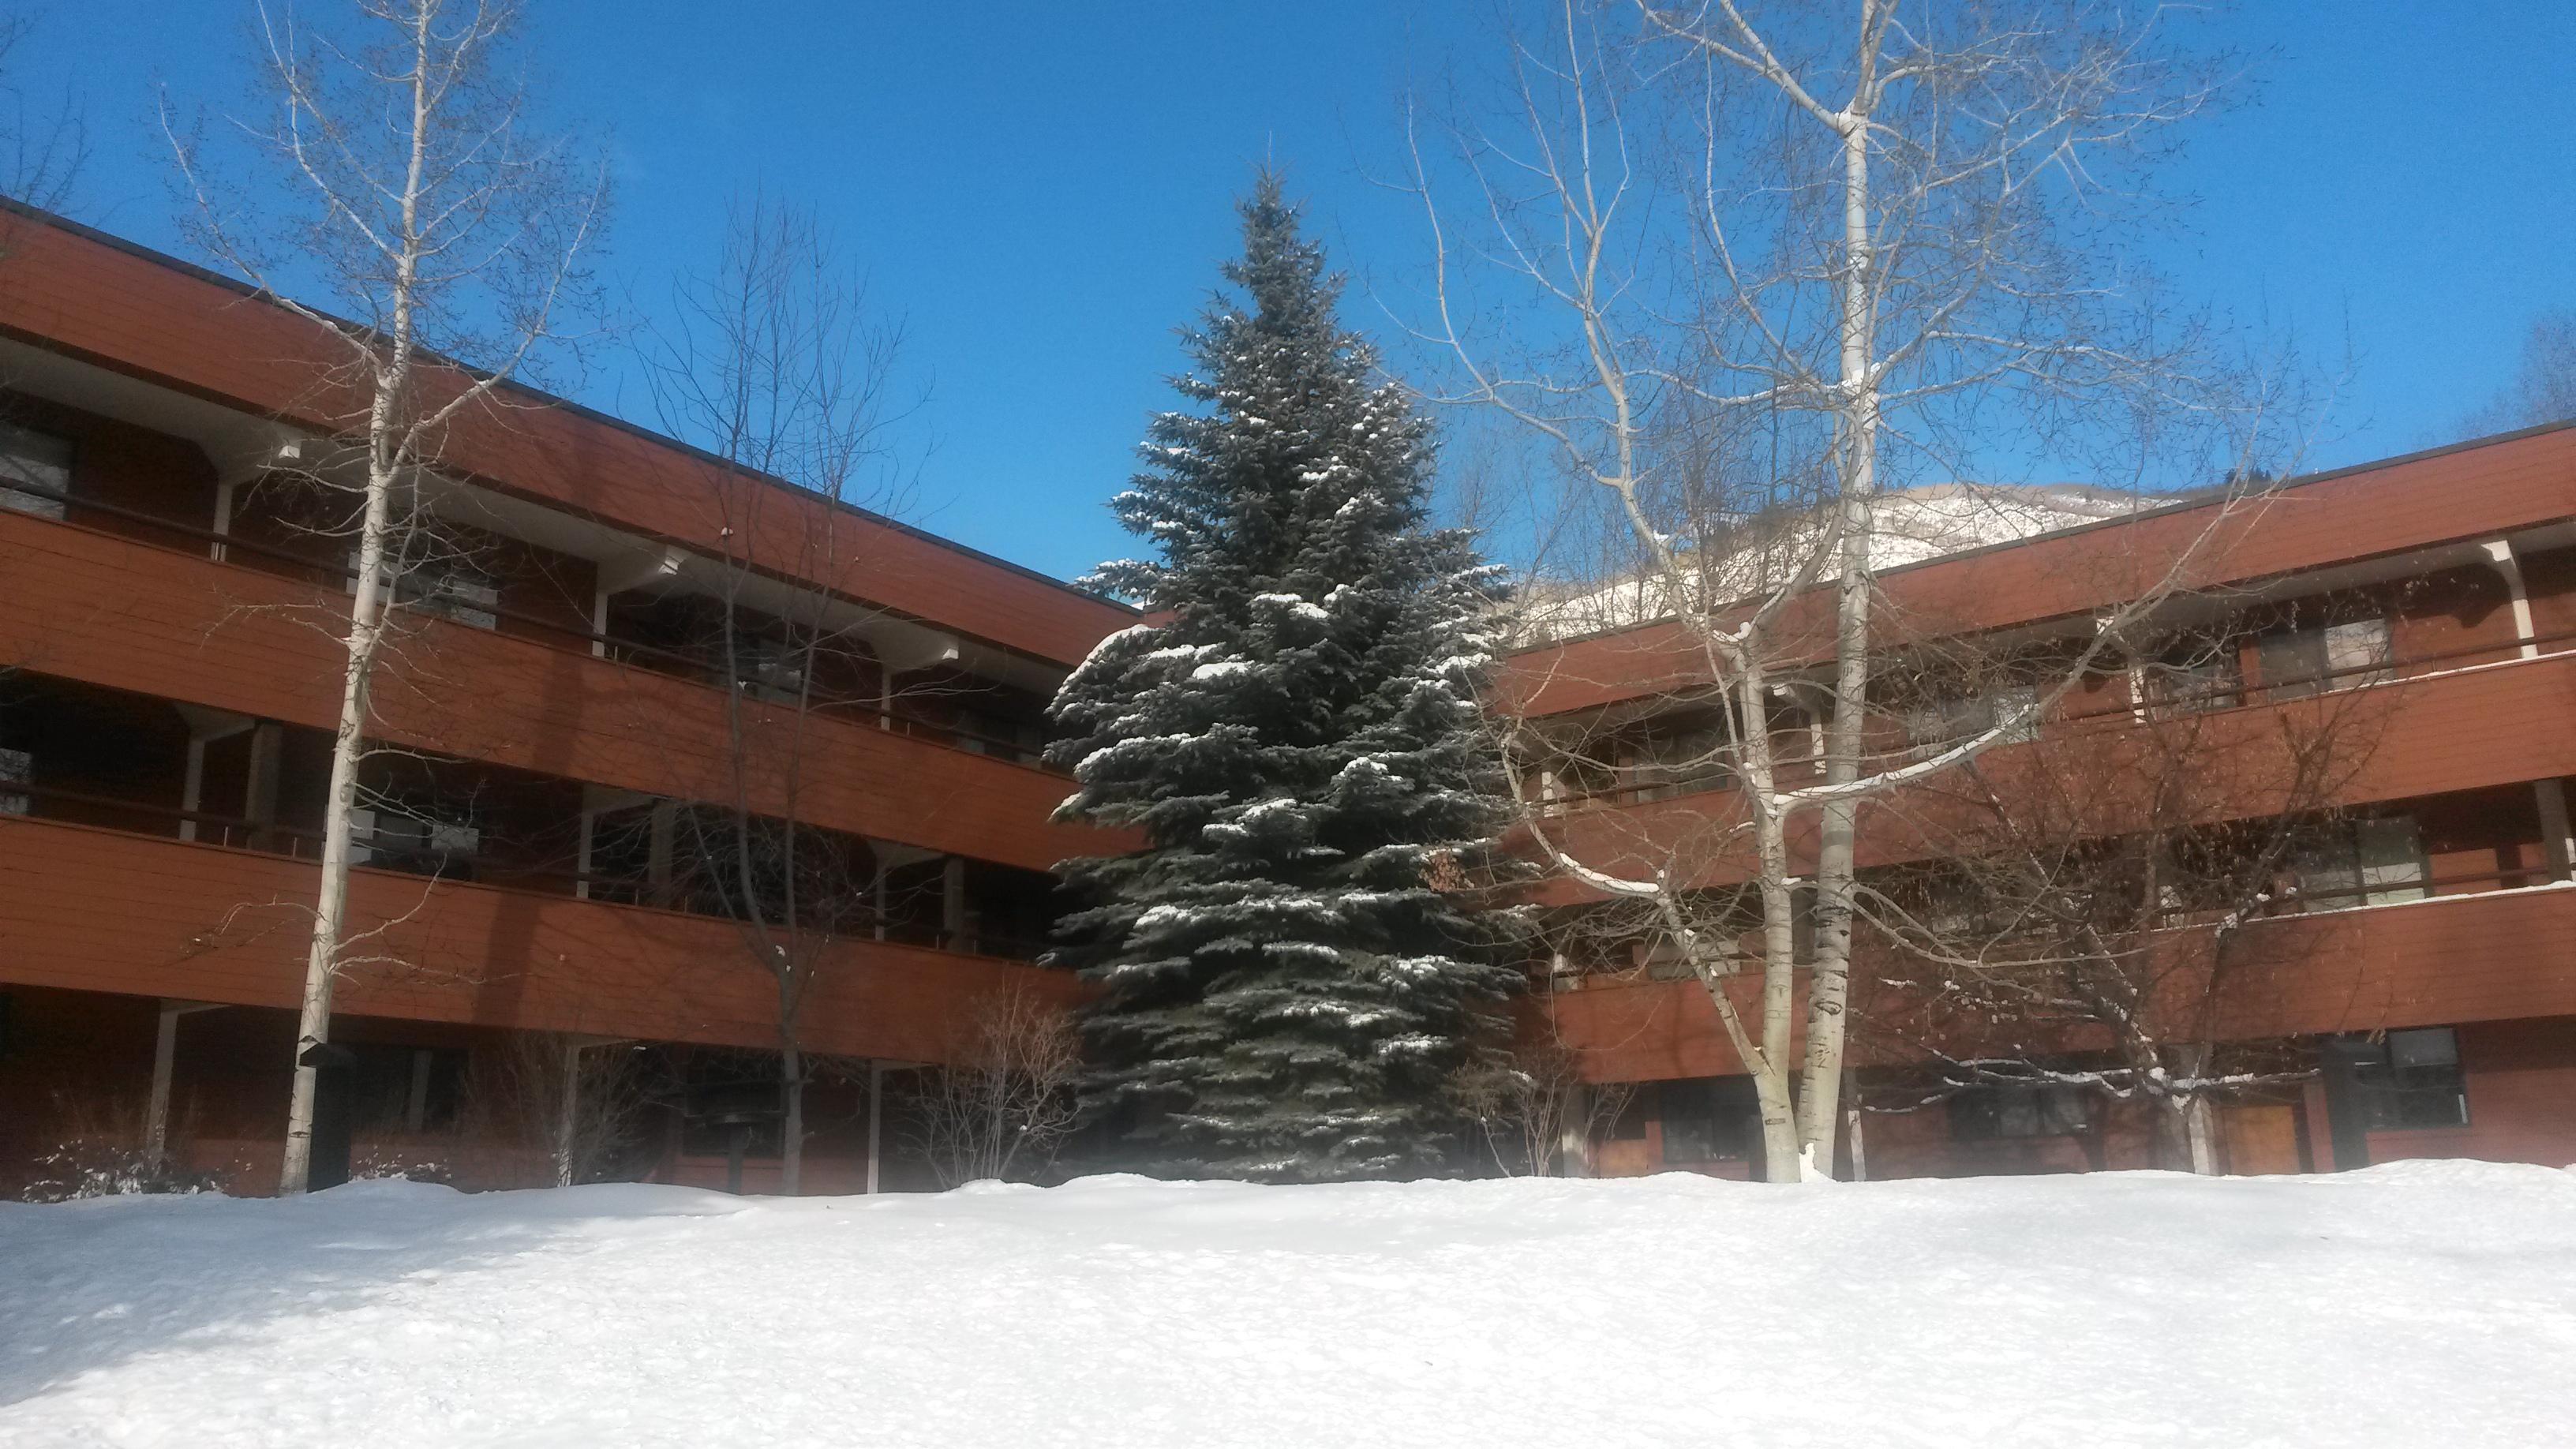 Copropriété pour l Vente à Affordable Aspen Studio With Views 1324 Vine Street Aspen, Colorado 81611 États-Unis